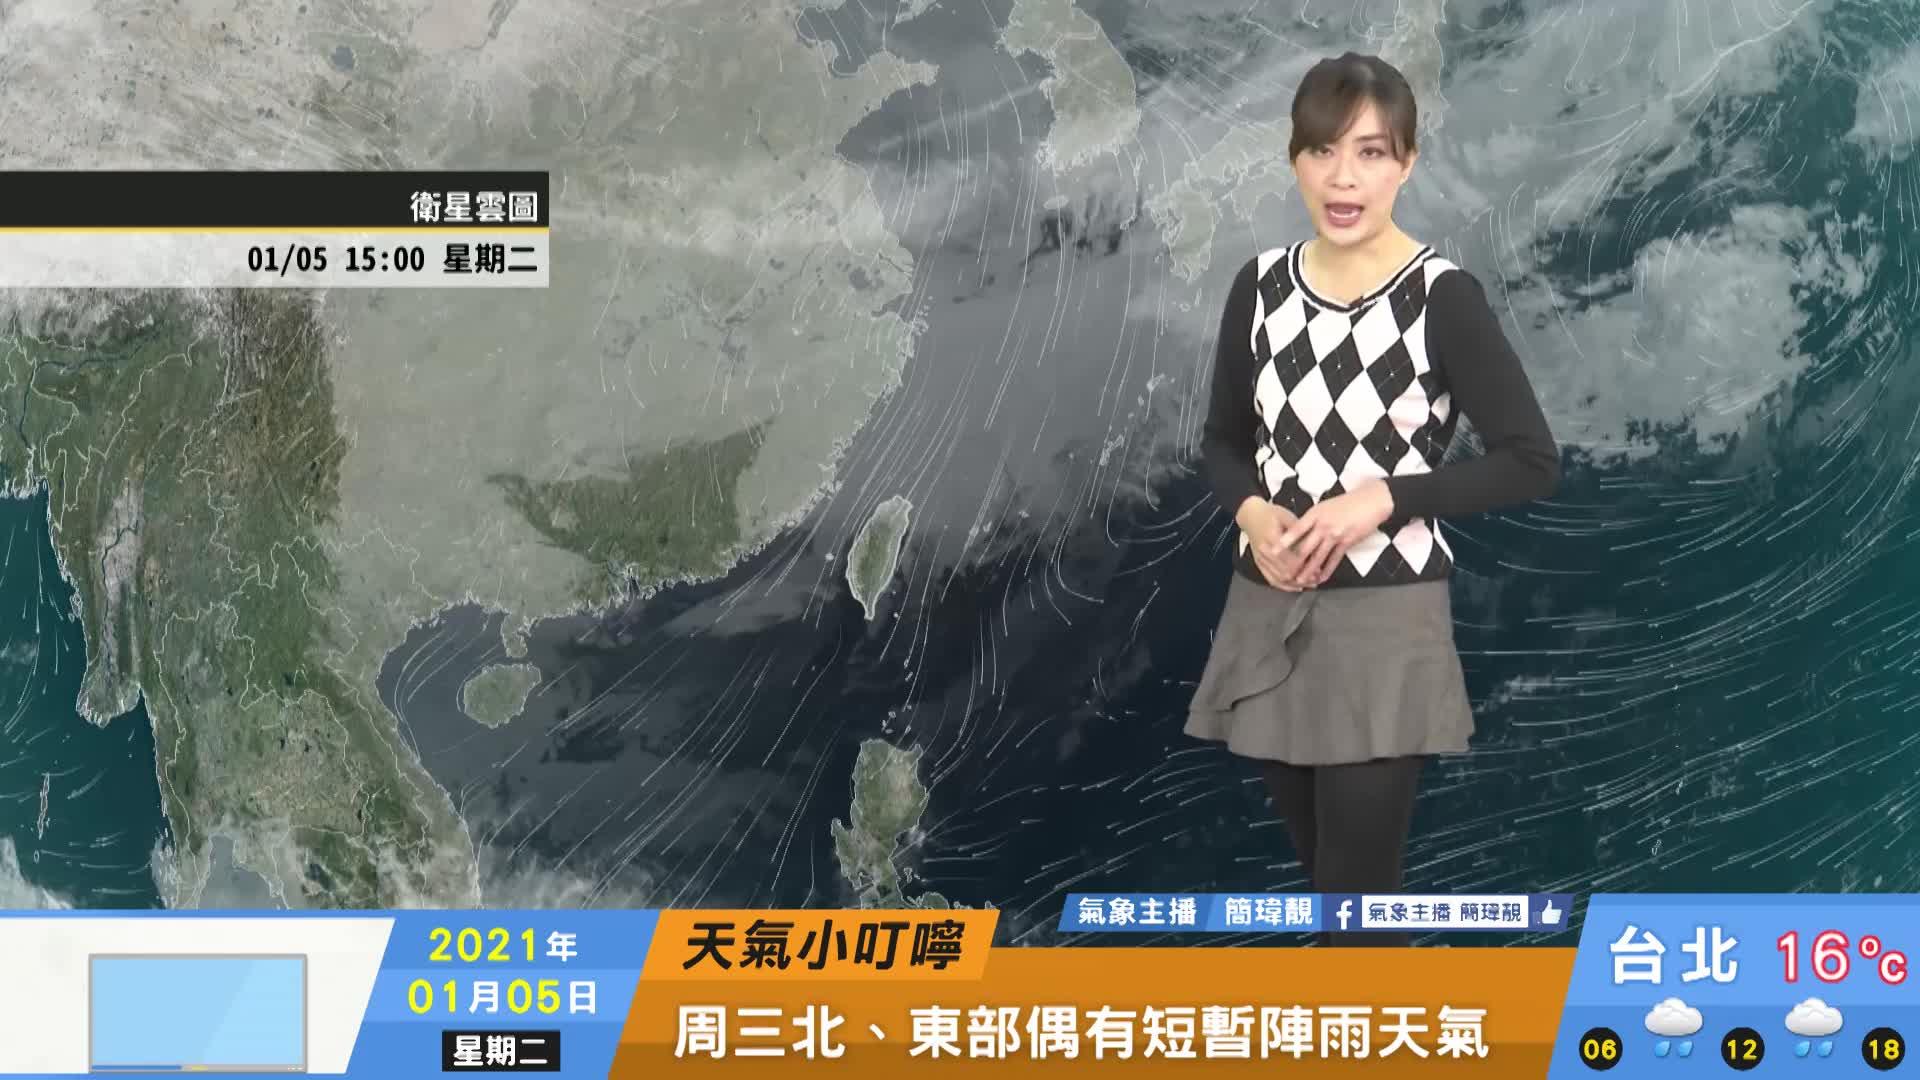 一分鐘報天氣 / 週三(01/06日) 週四深夜寒流南下 上山賞雪留意路況